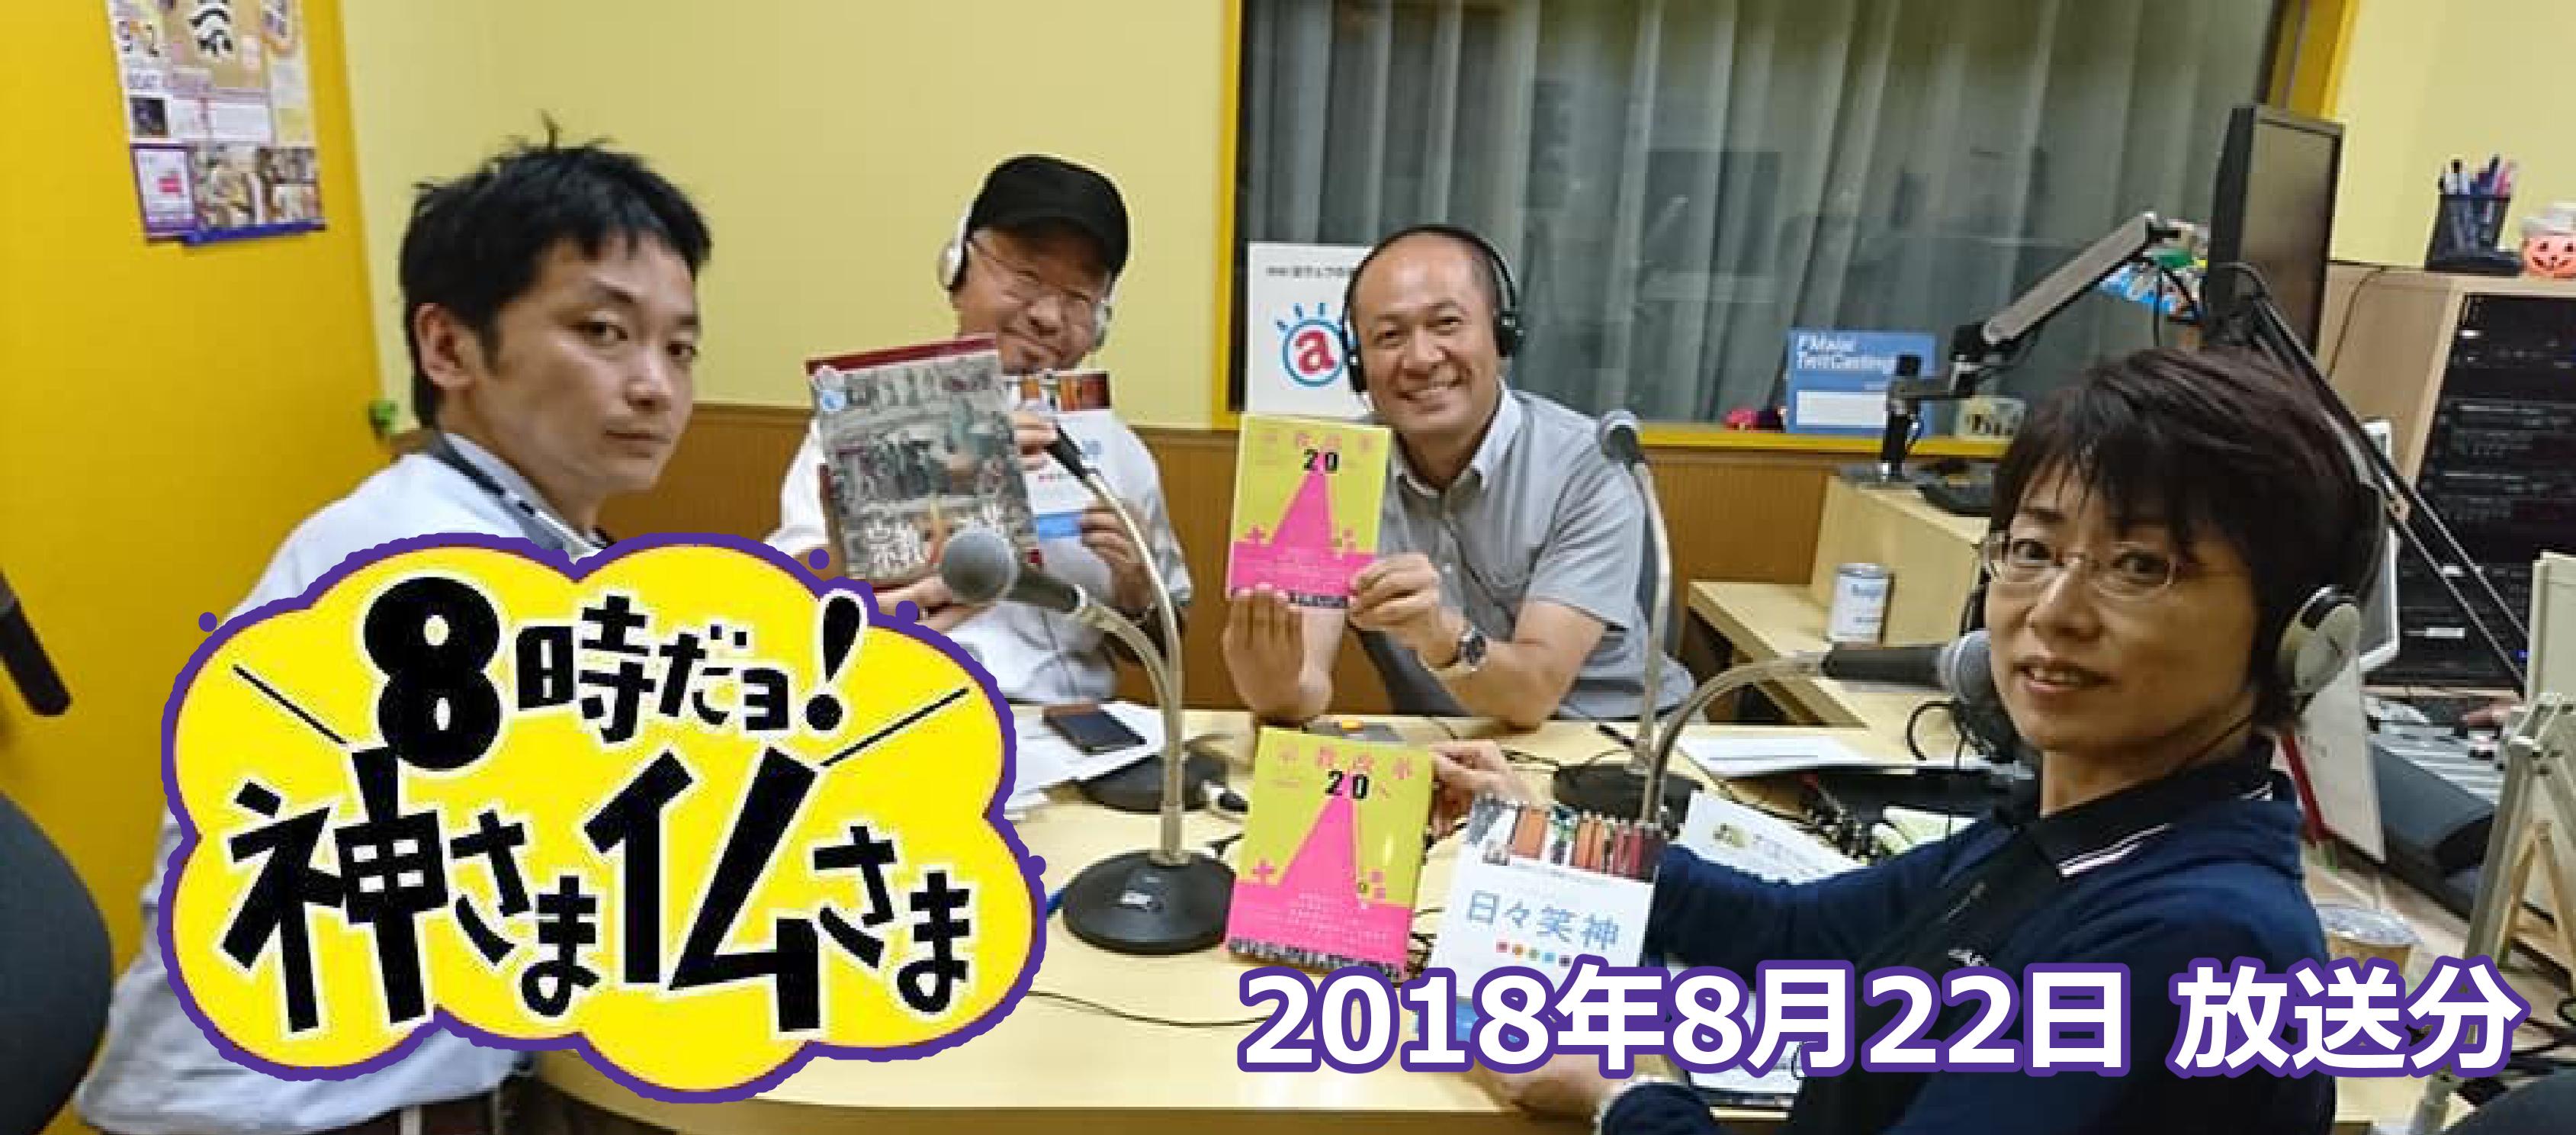 8時だヨ!神さま仏さま 2018.8.22放送分